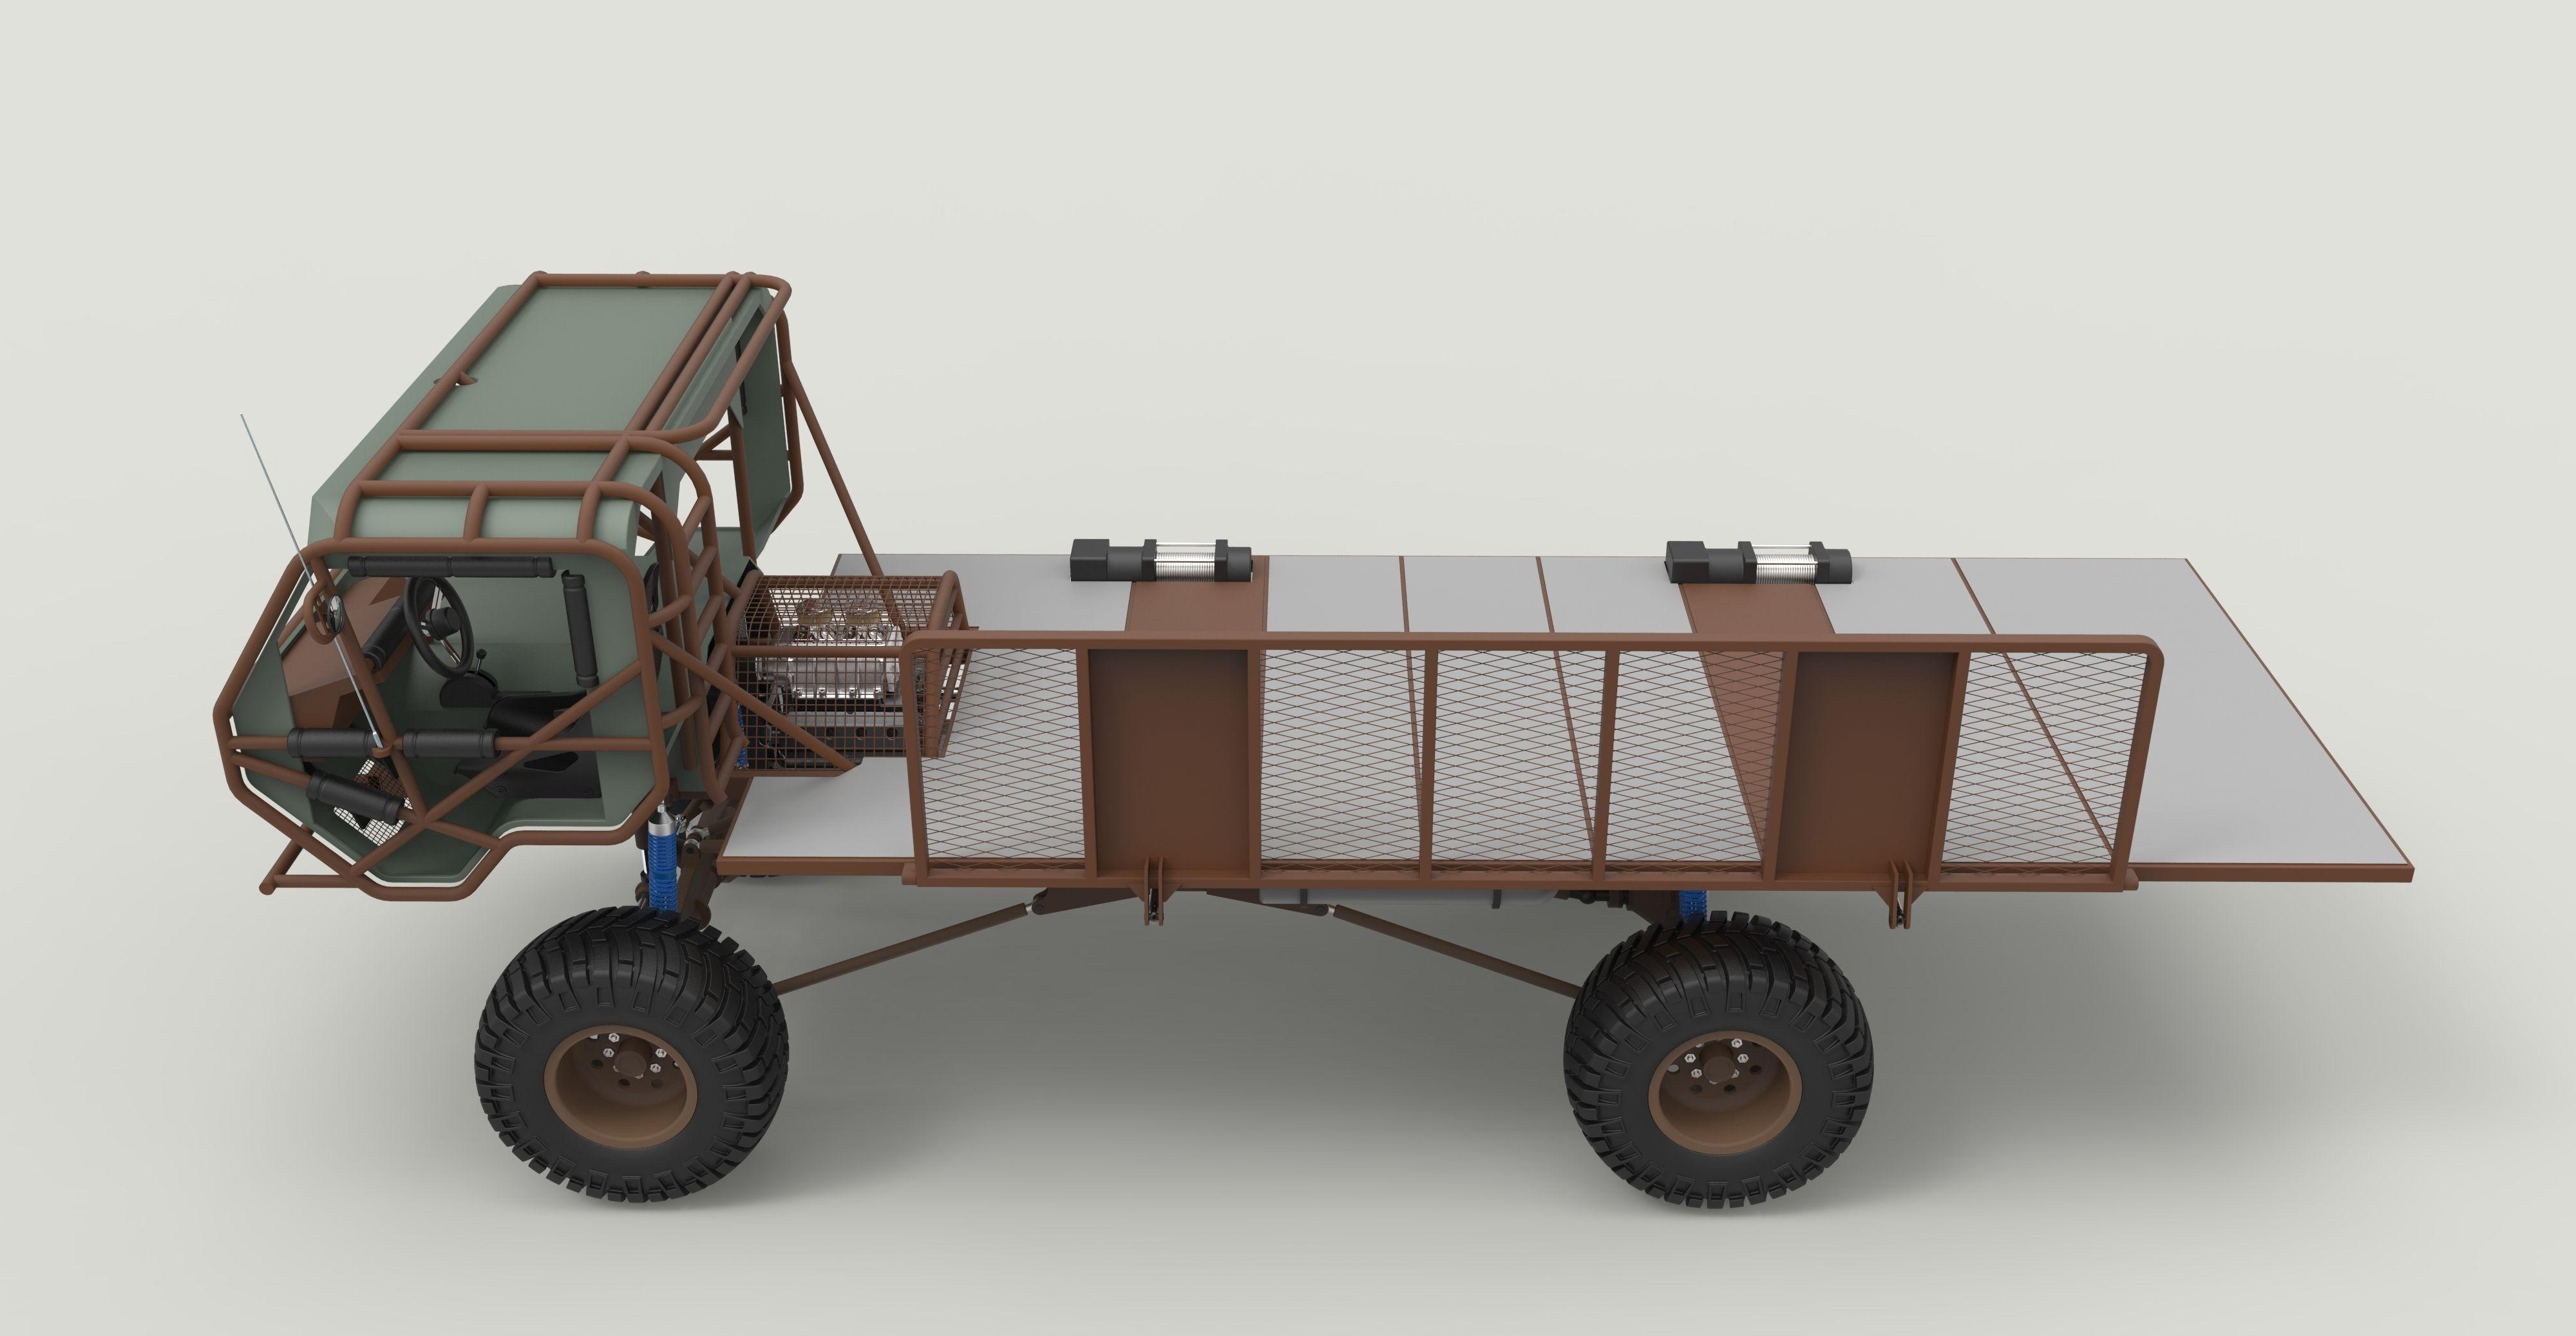 Mongo Heist Truck 3d Model Obj Stl Sldprt Sldasm Slddrw